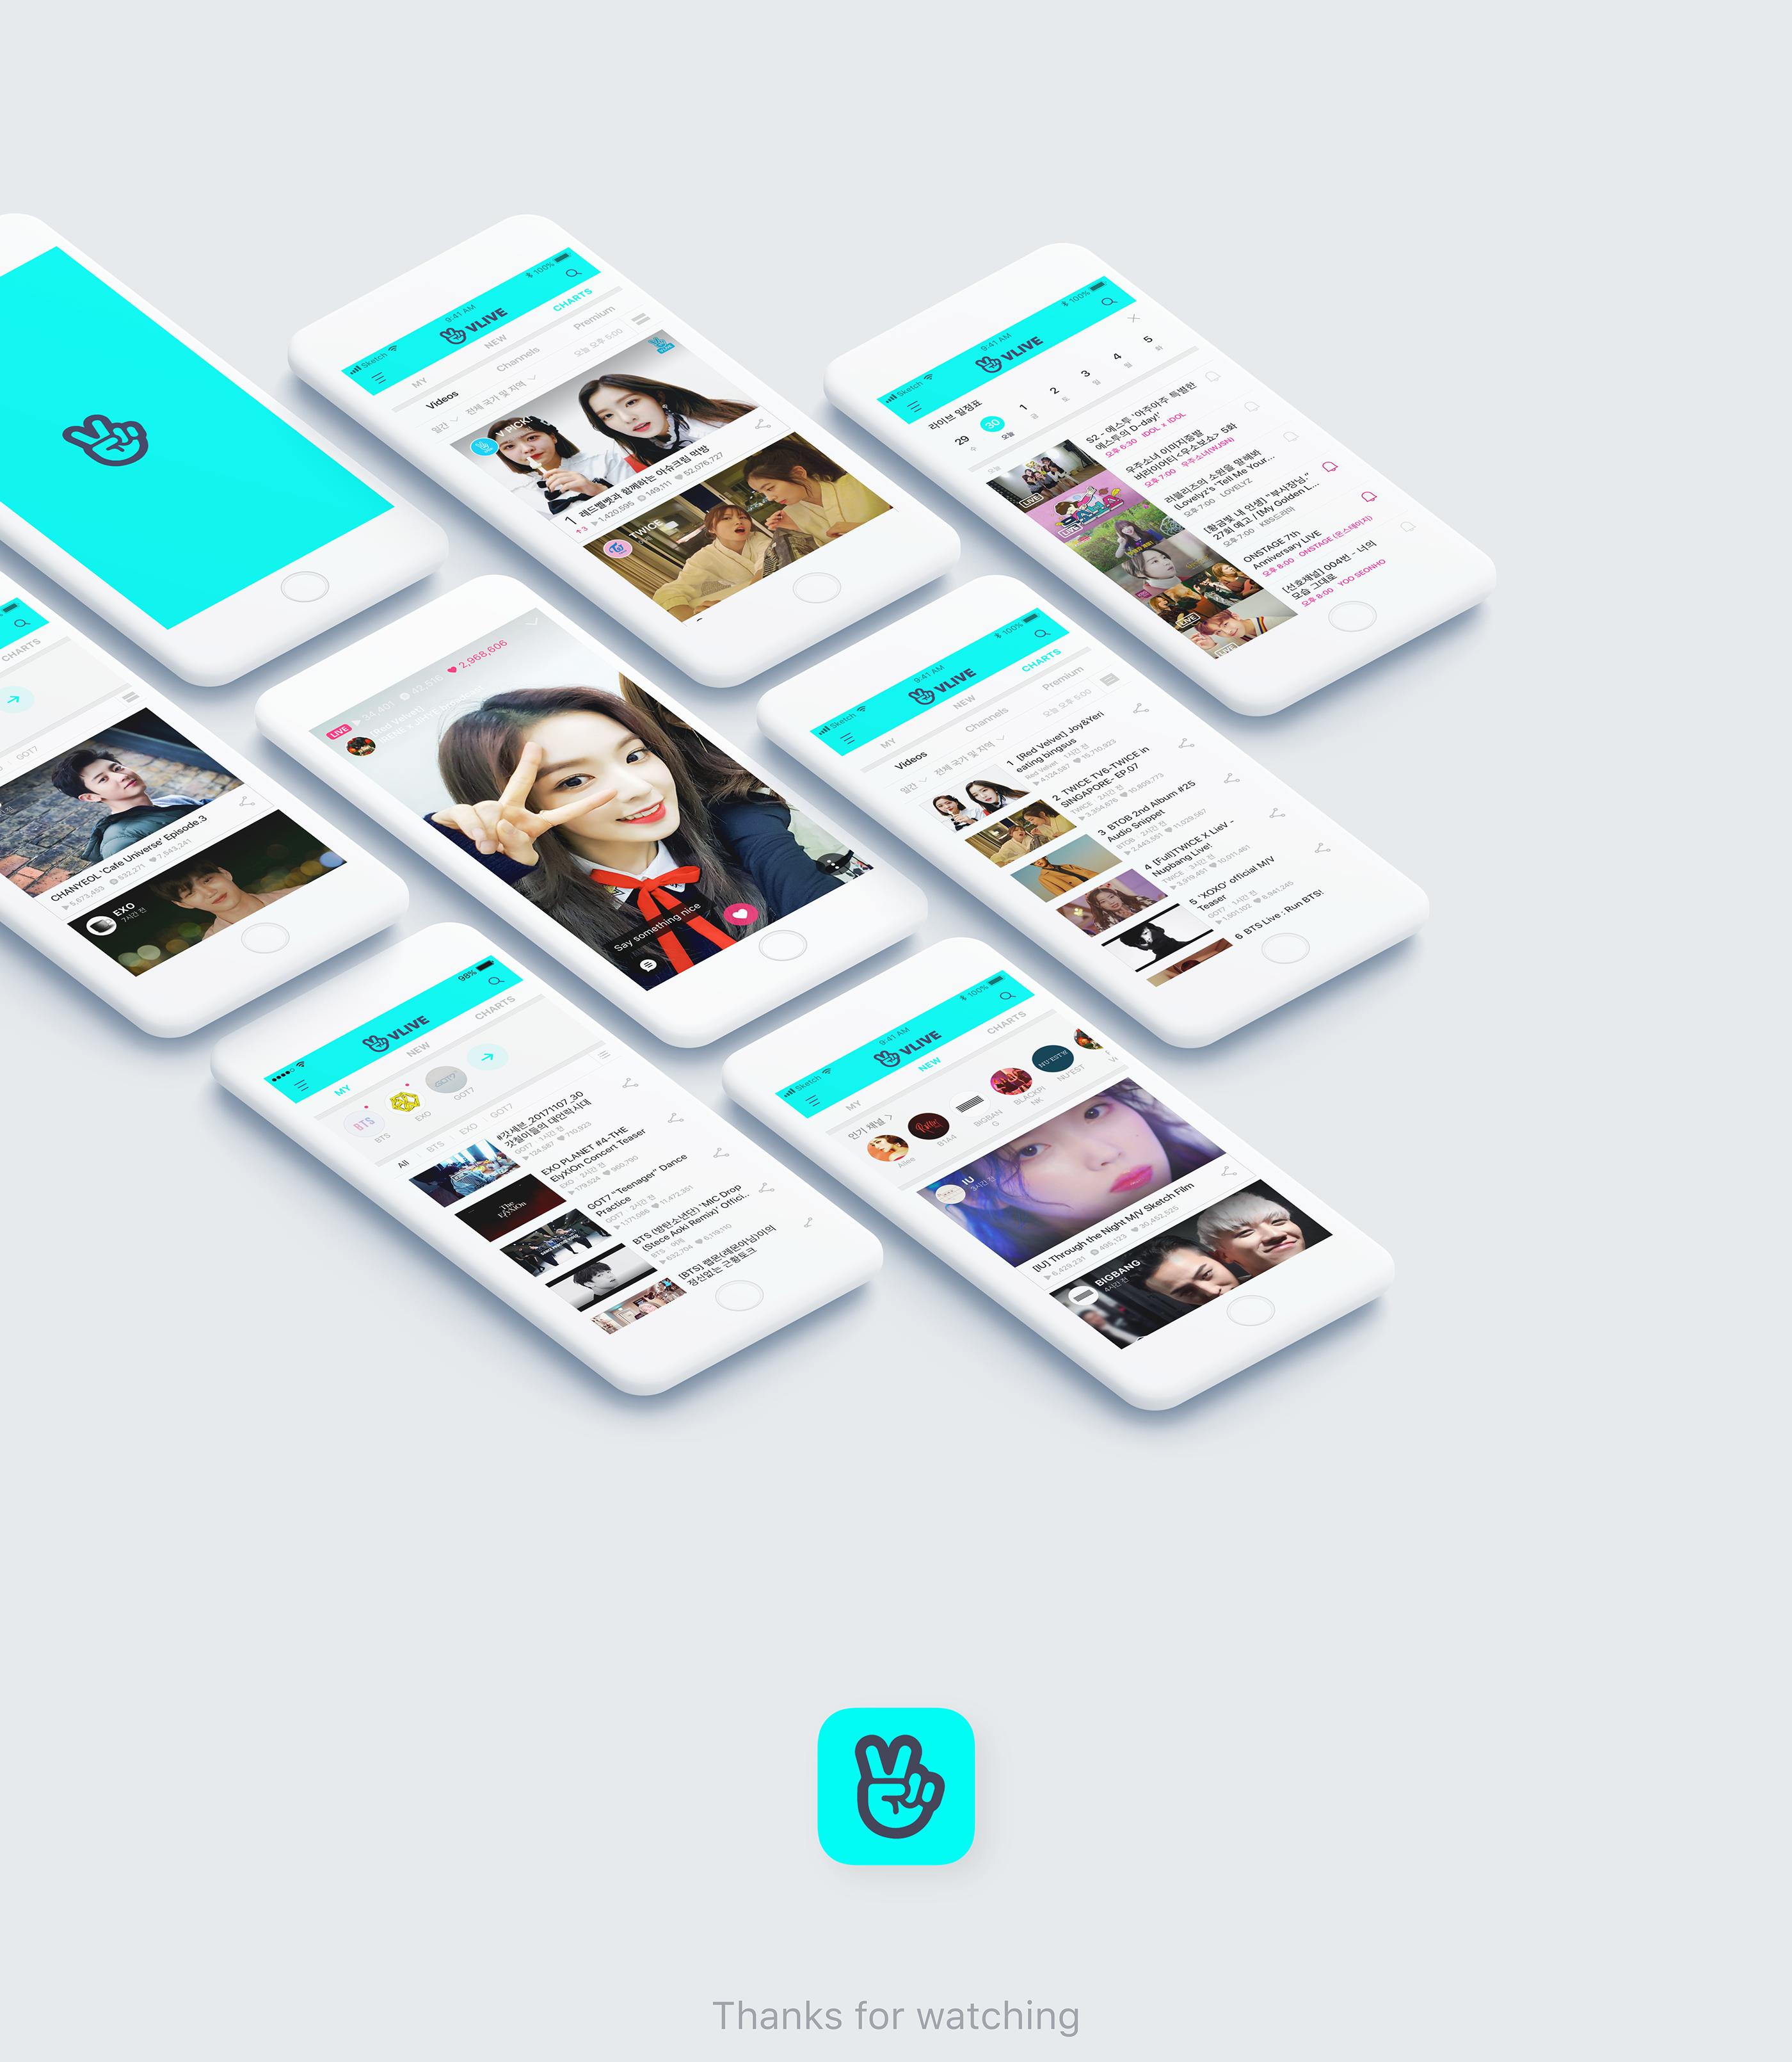 V LIVE - Broadcasting App on Behance